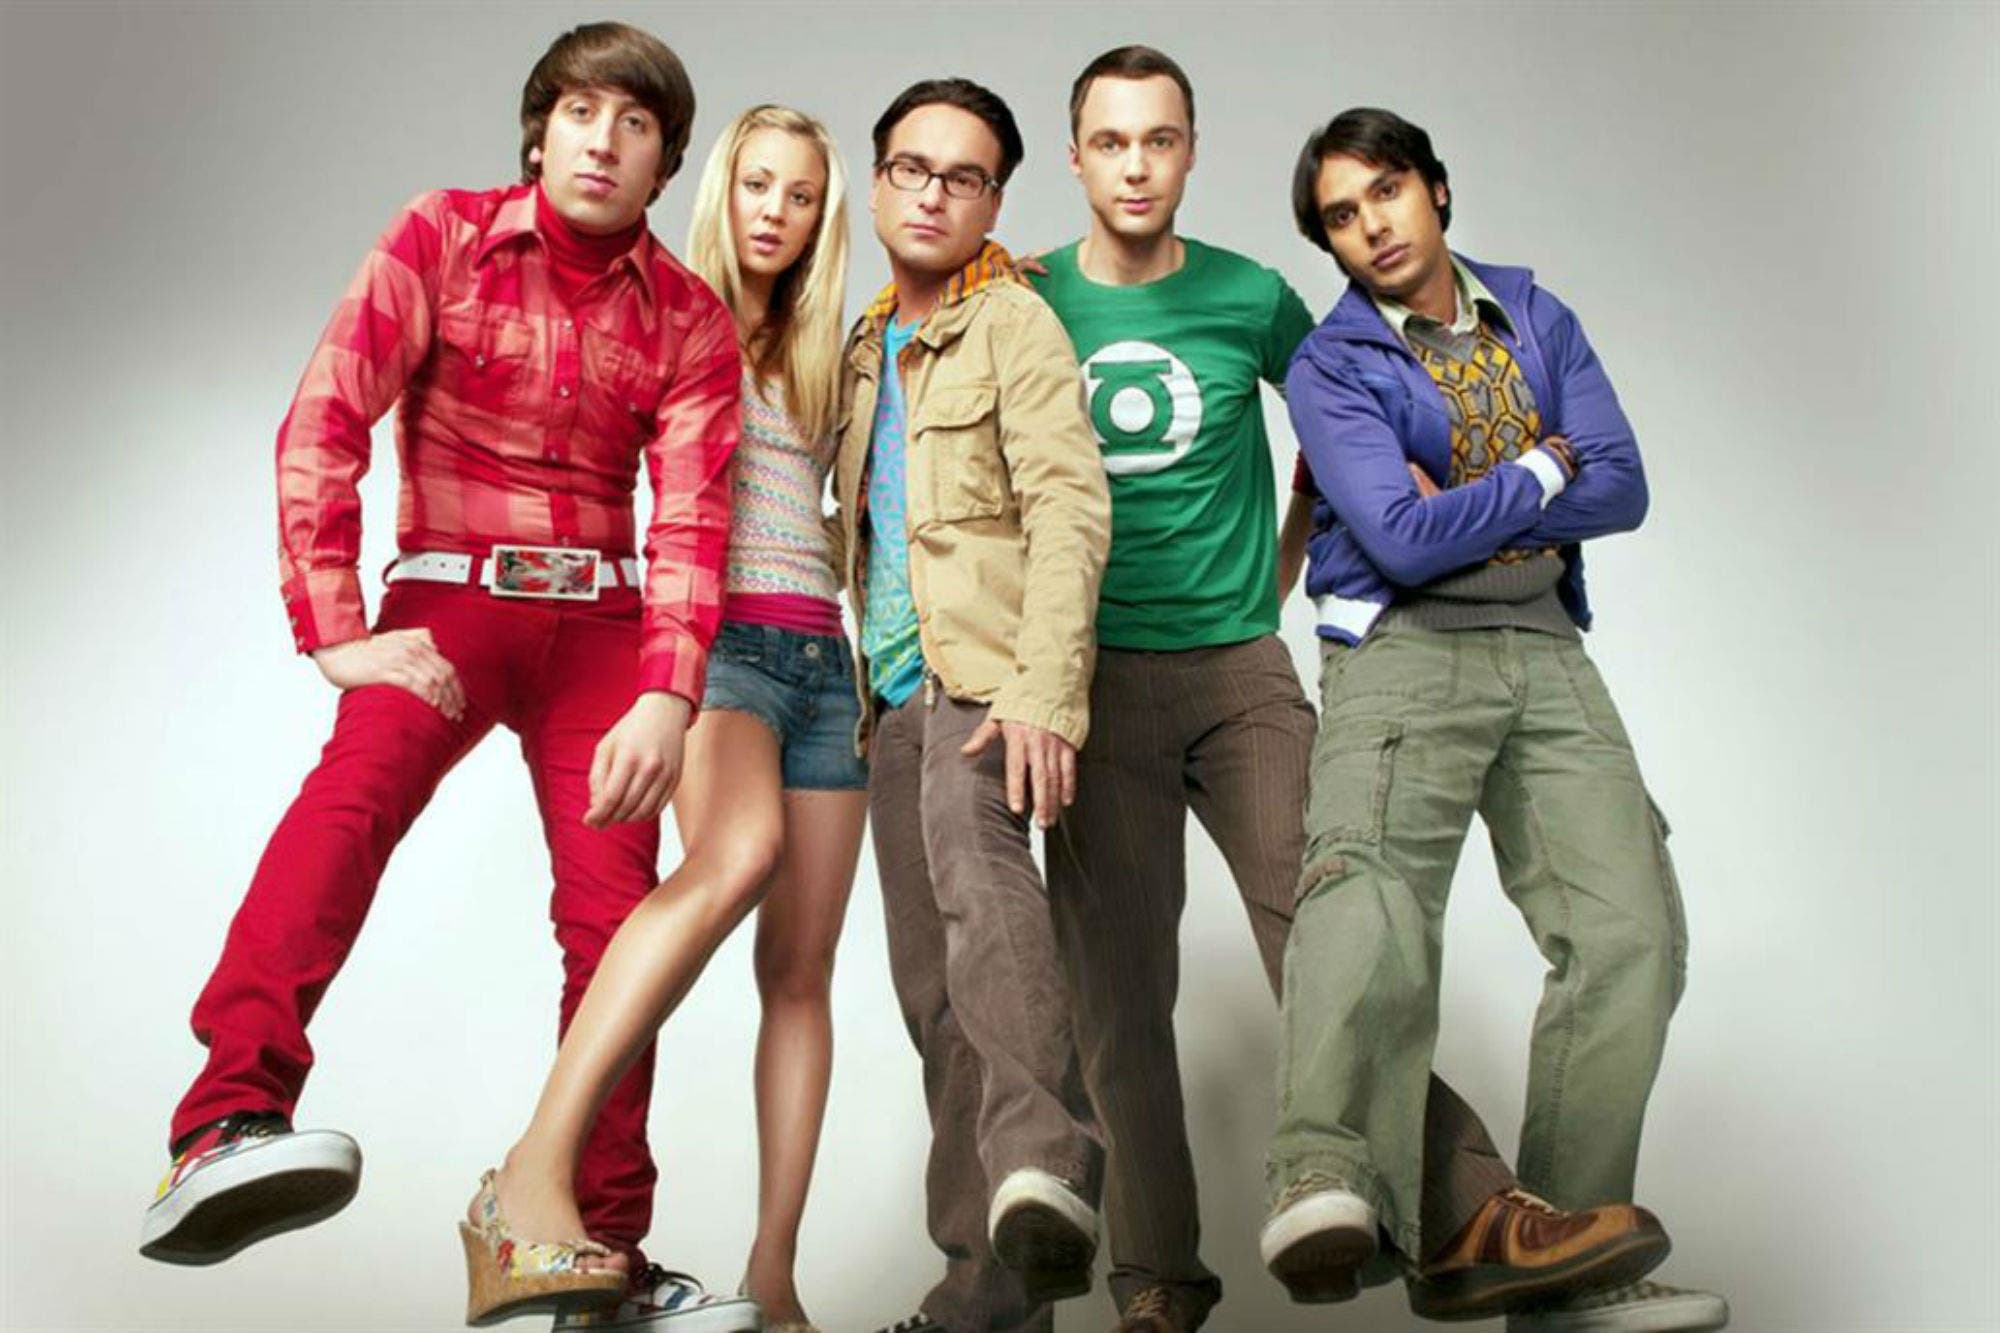 El elenco de The Big Bang Theory y un divertido baile grupal sorpresa